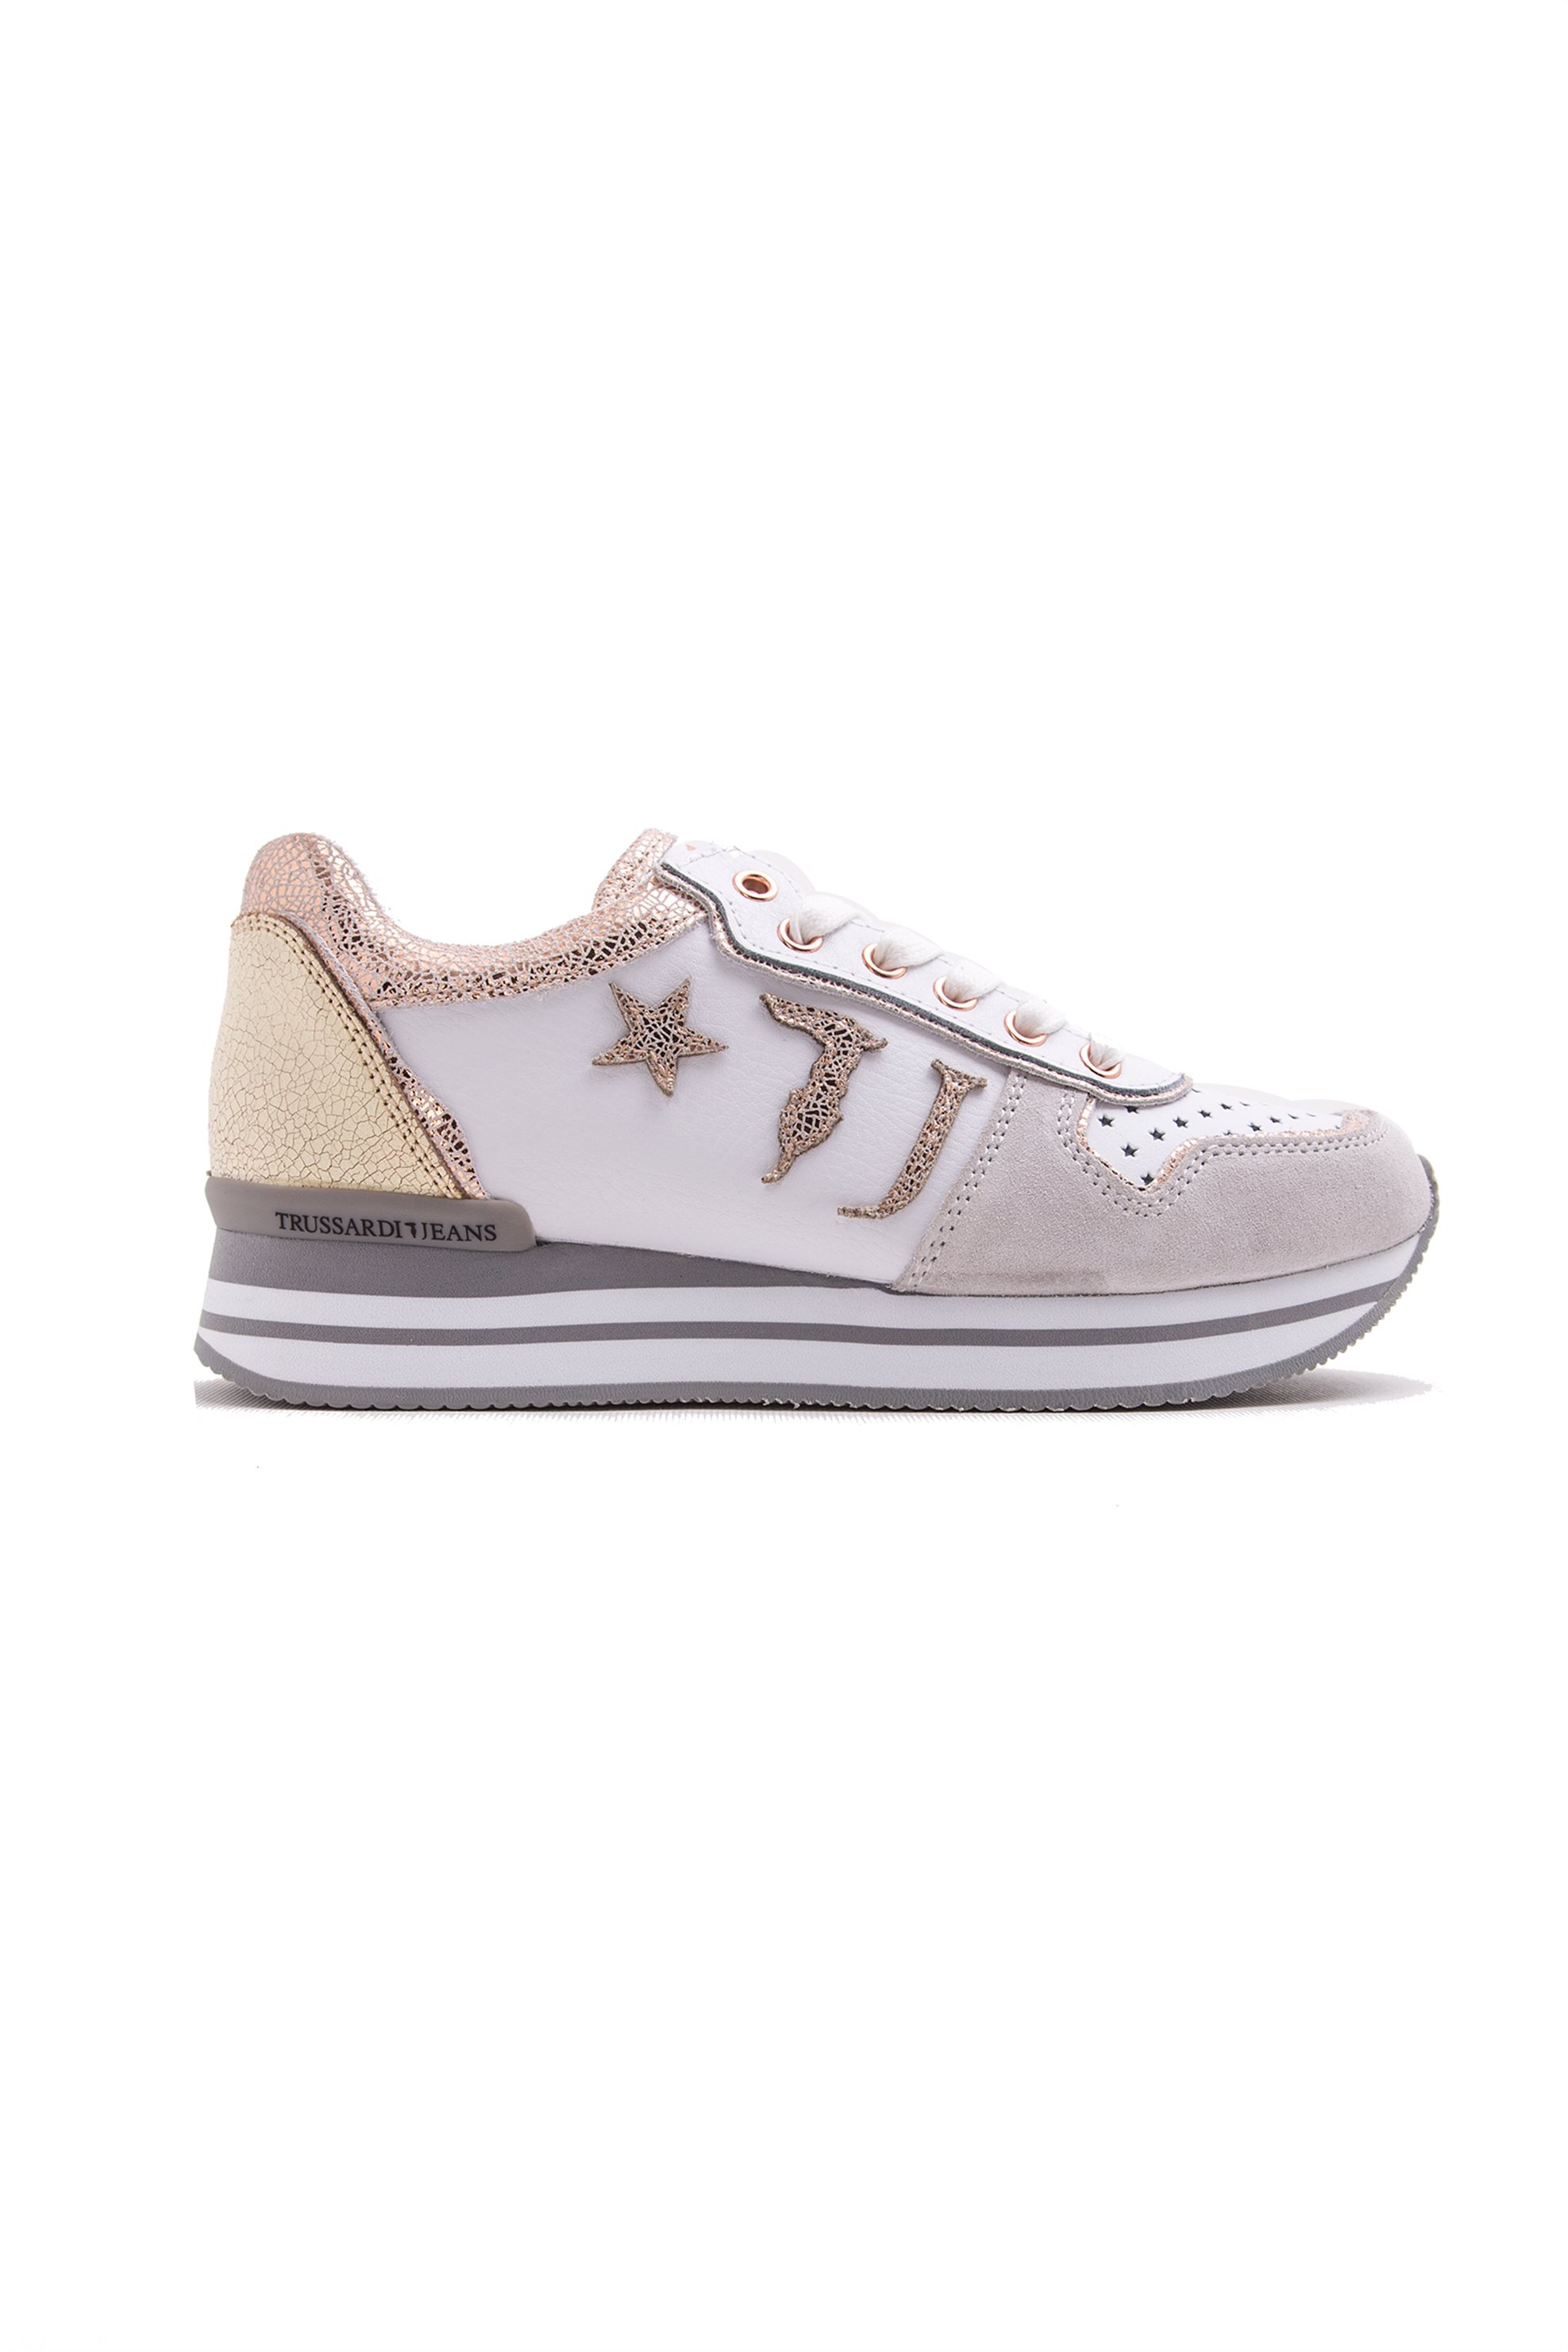 Γυναικεία υπερυψωμένα Sneakers Perforated Star-Design Trussardi Jeans – 79A00150-9Y099999 – Εκρού